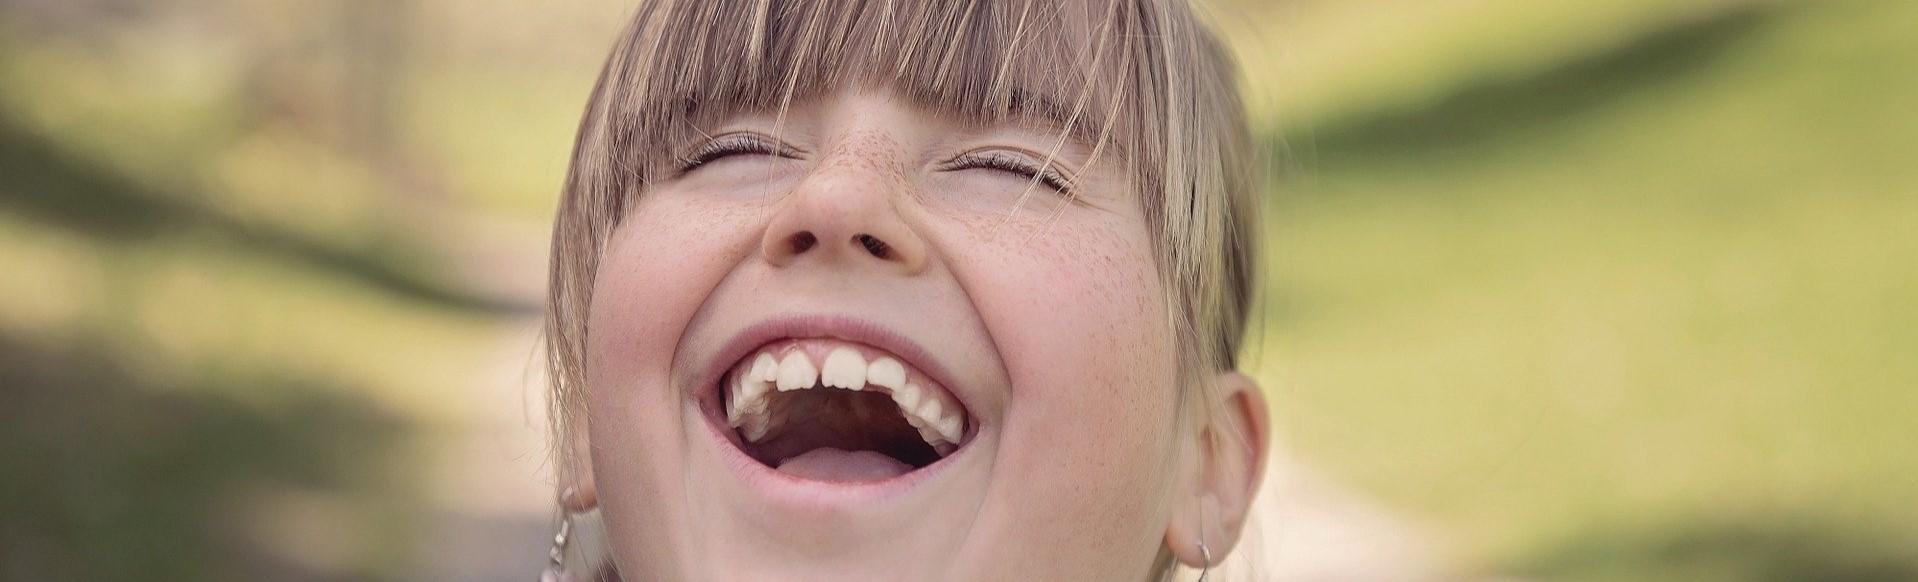 La importancia de reírse en familia